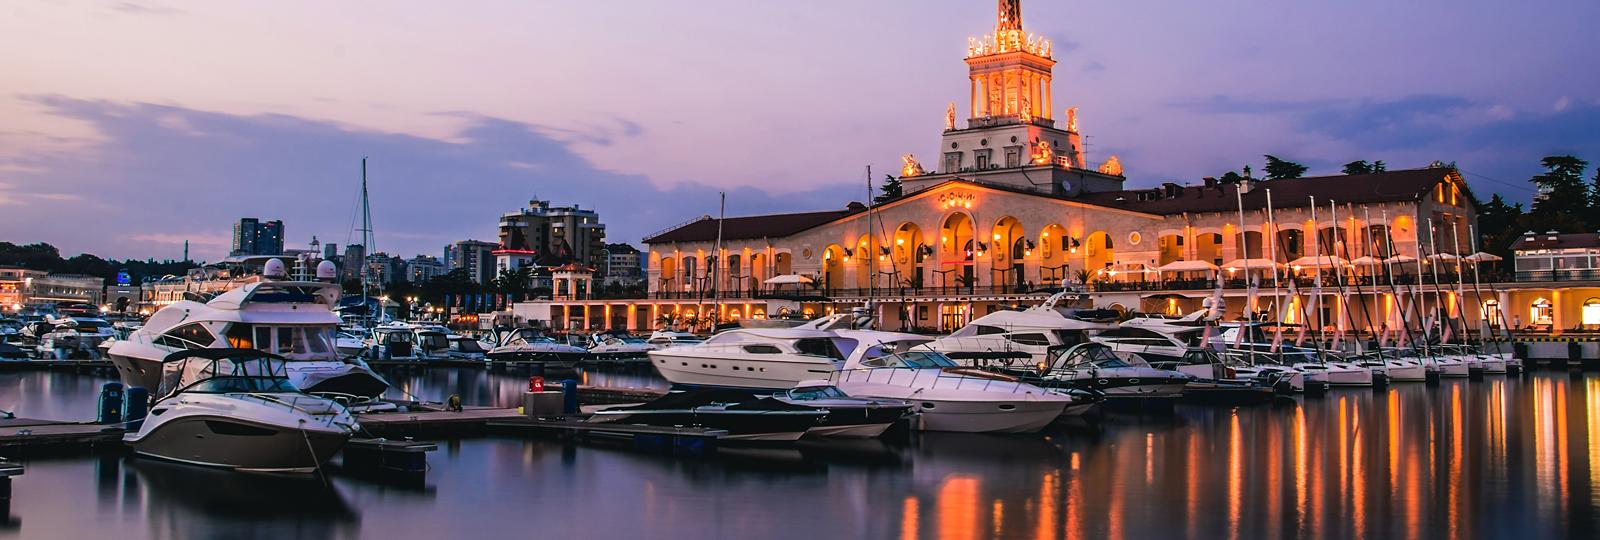 Новинки от туроператора на черноморском побережье: Сочи, Абхазия